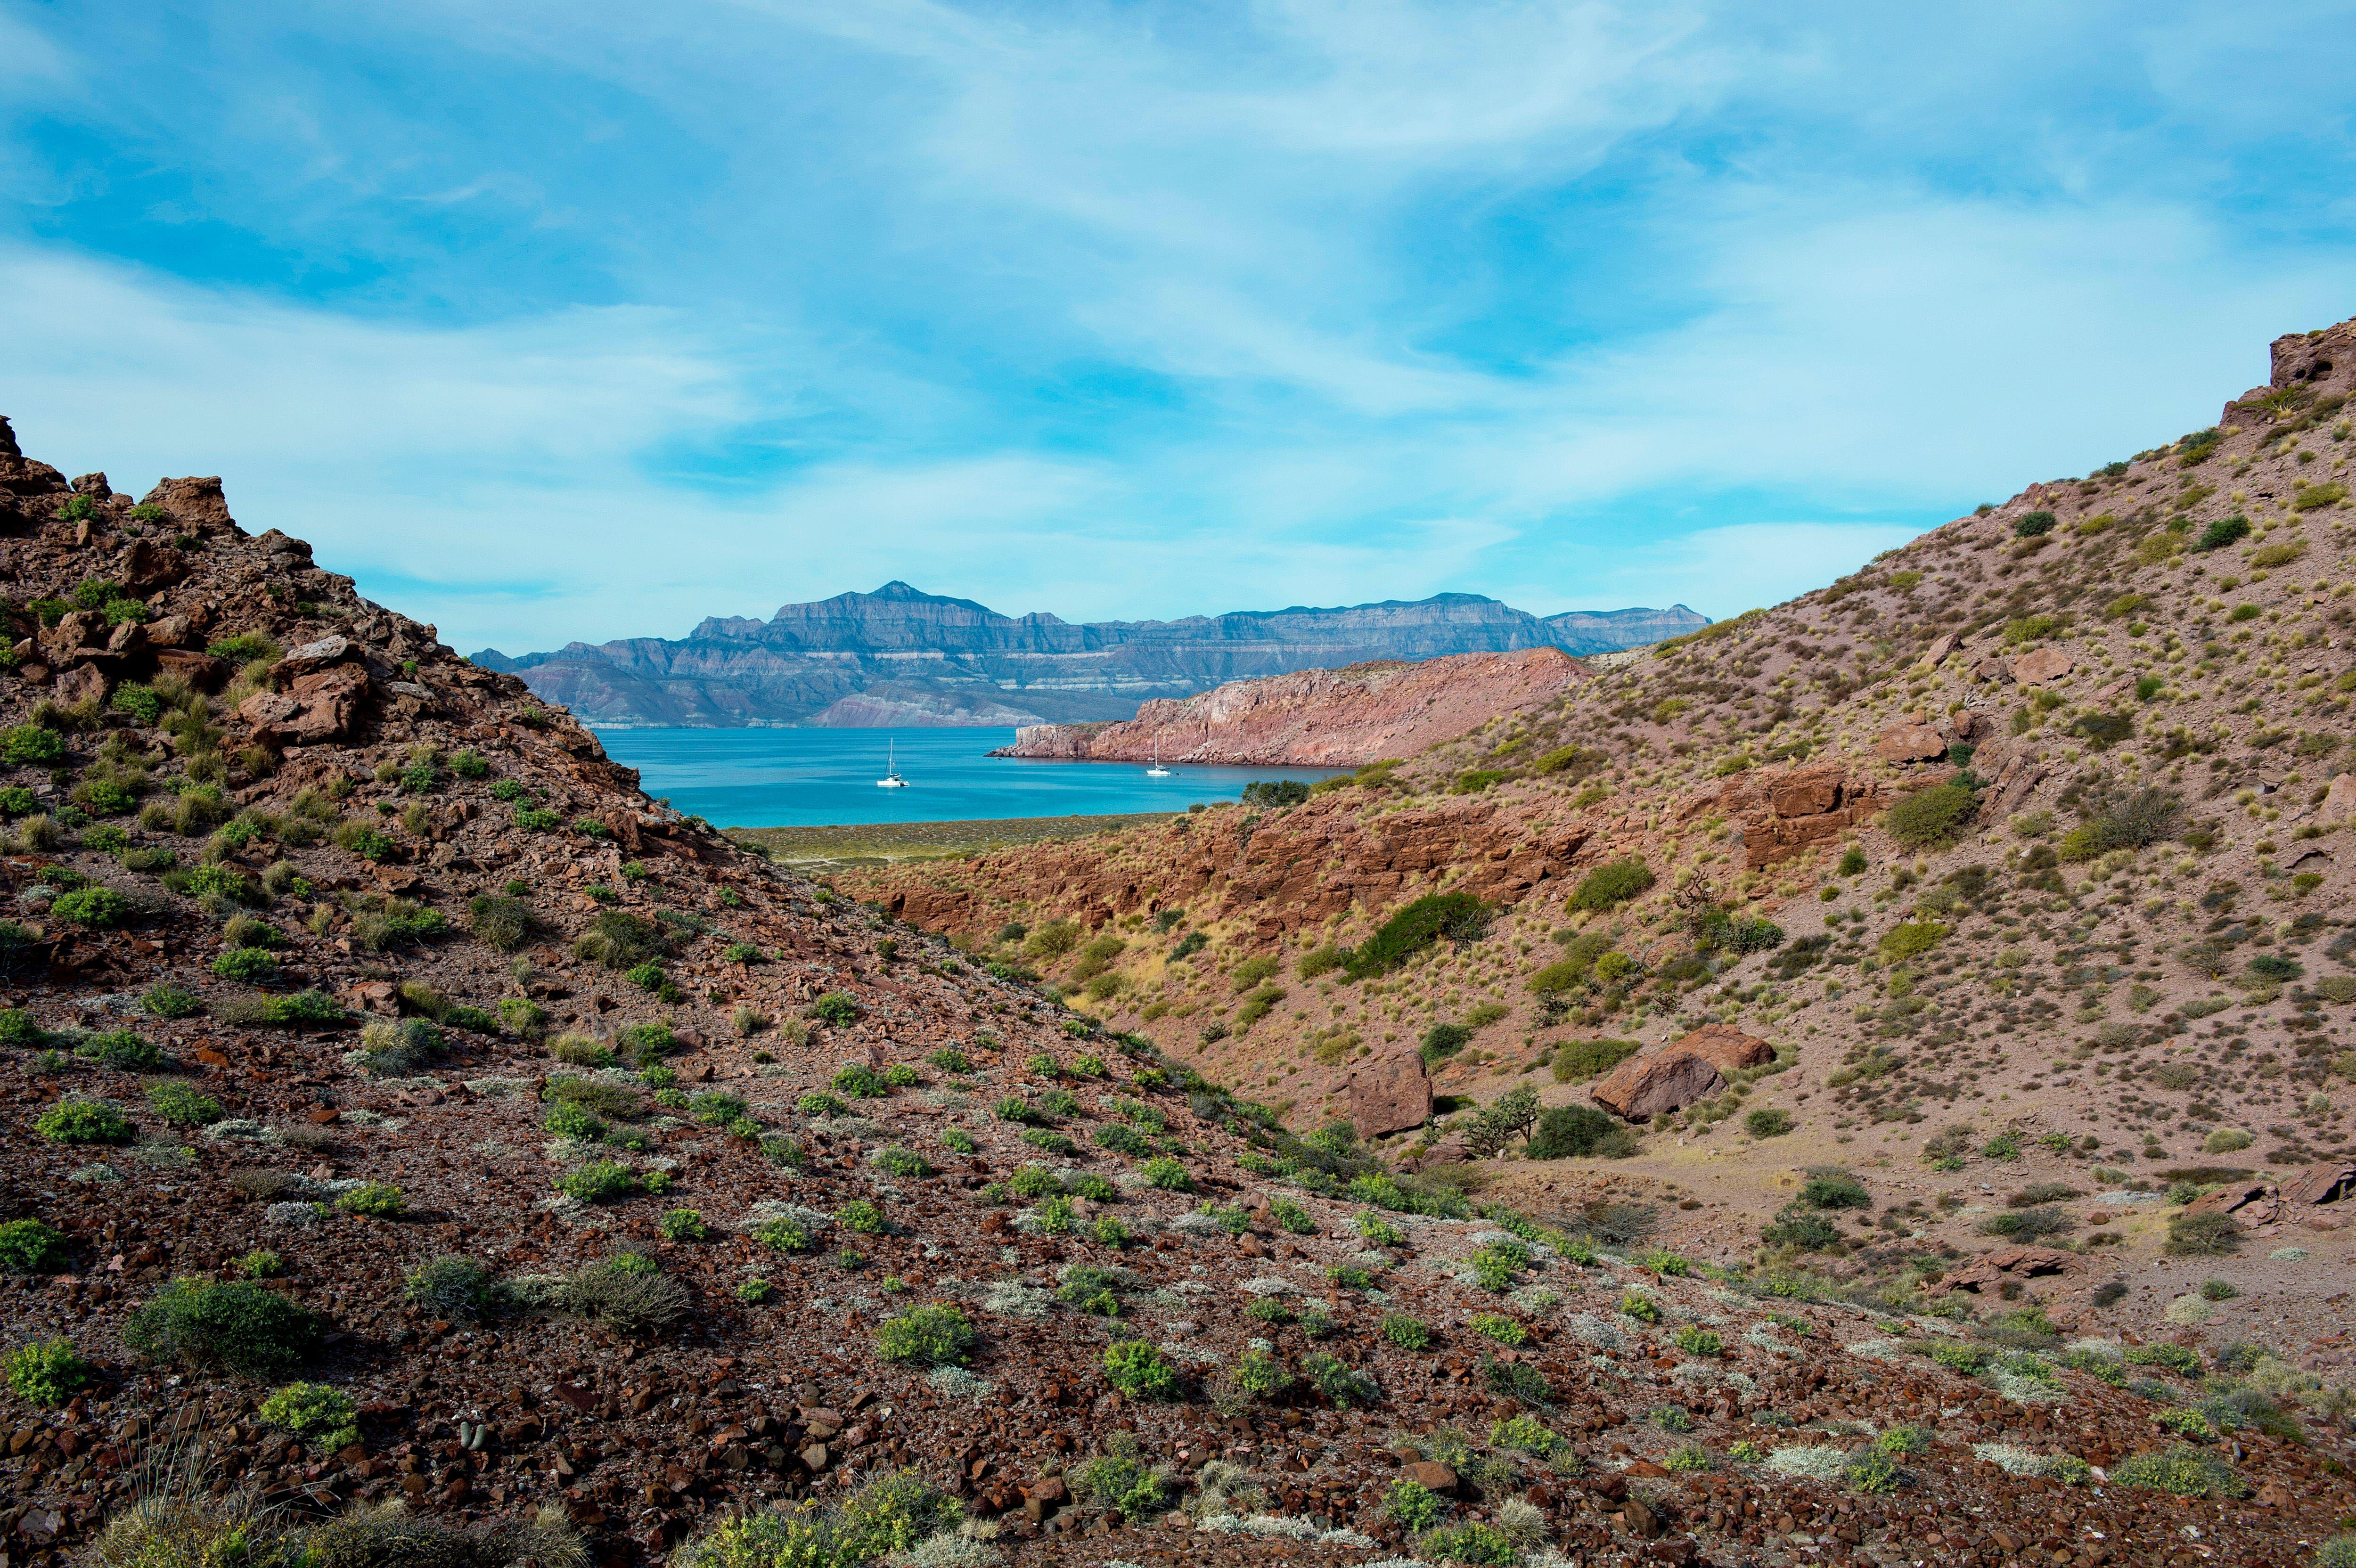 Una galería de arte a cielo abierto, una playa paradisíaca, un mirador de estrellas. En Los Cabos mexicanos, las postales de película se vuelven reales.